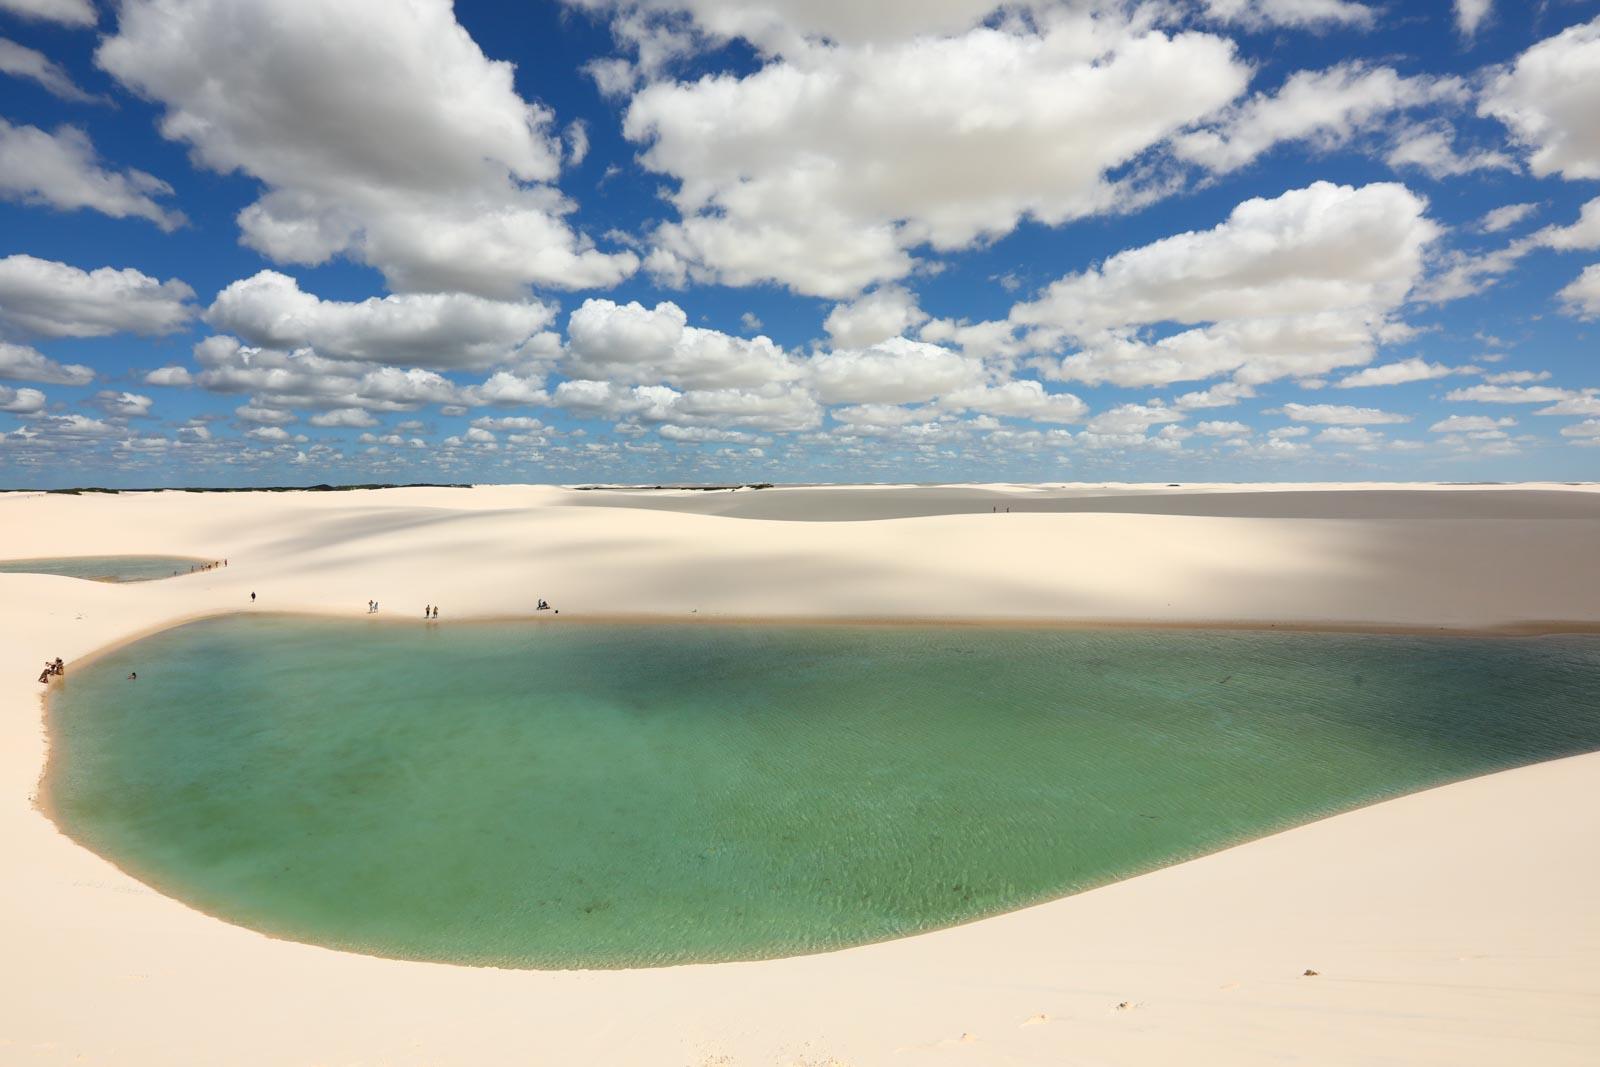 melhores praias do nordeste lencois maranhenses